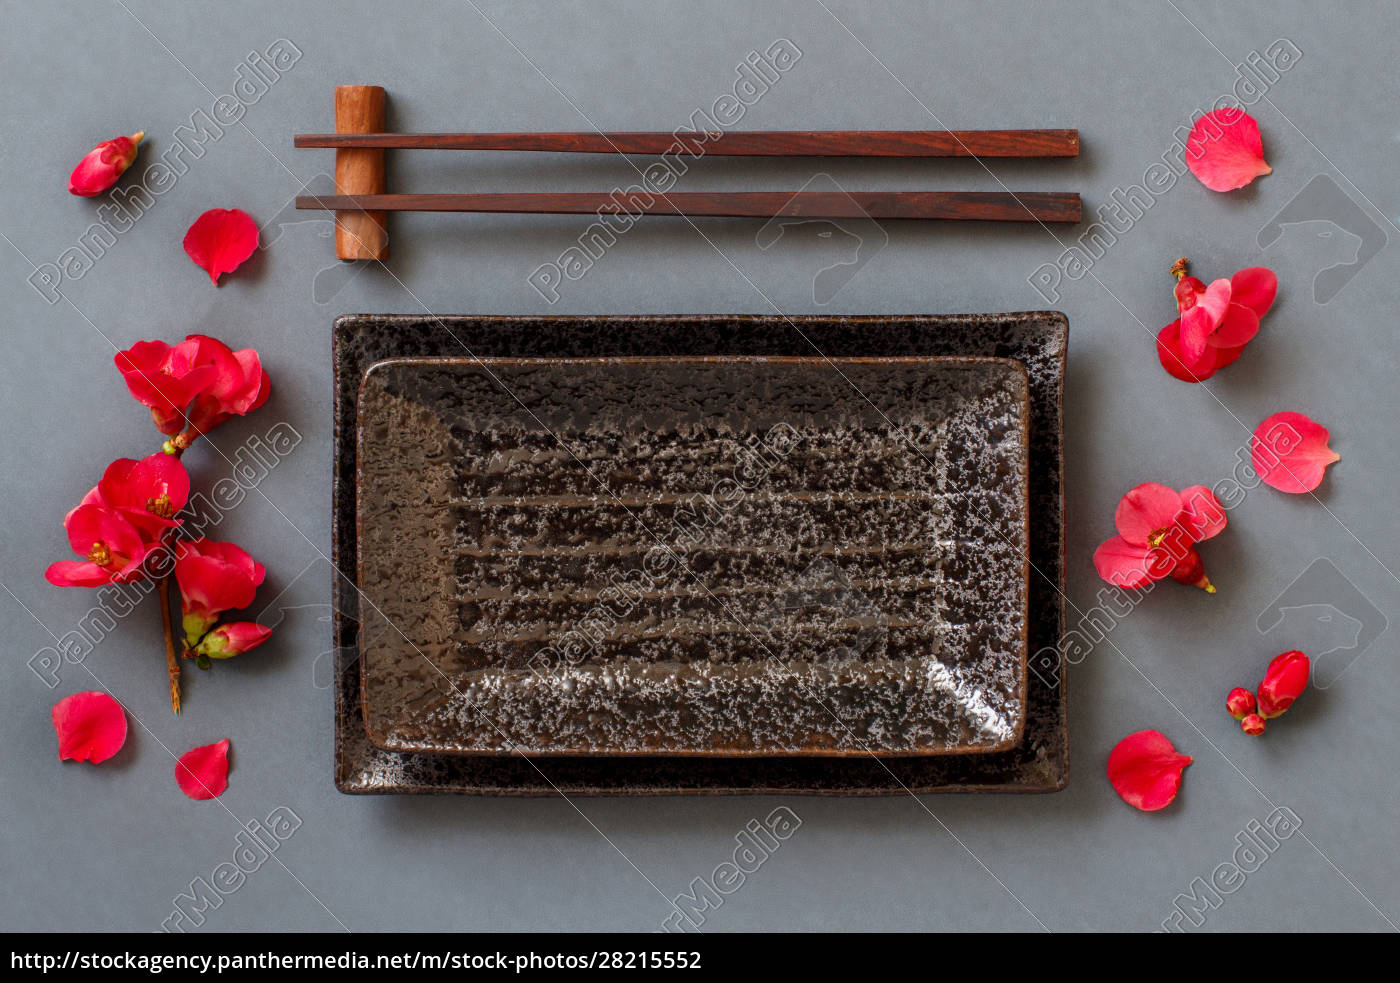 palillos, placa, rectangular, y, flores, rosas, sobre - 28215552